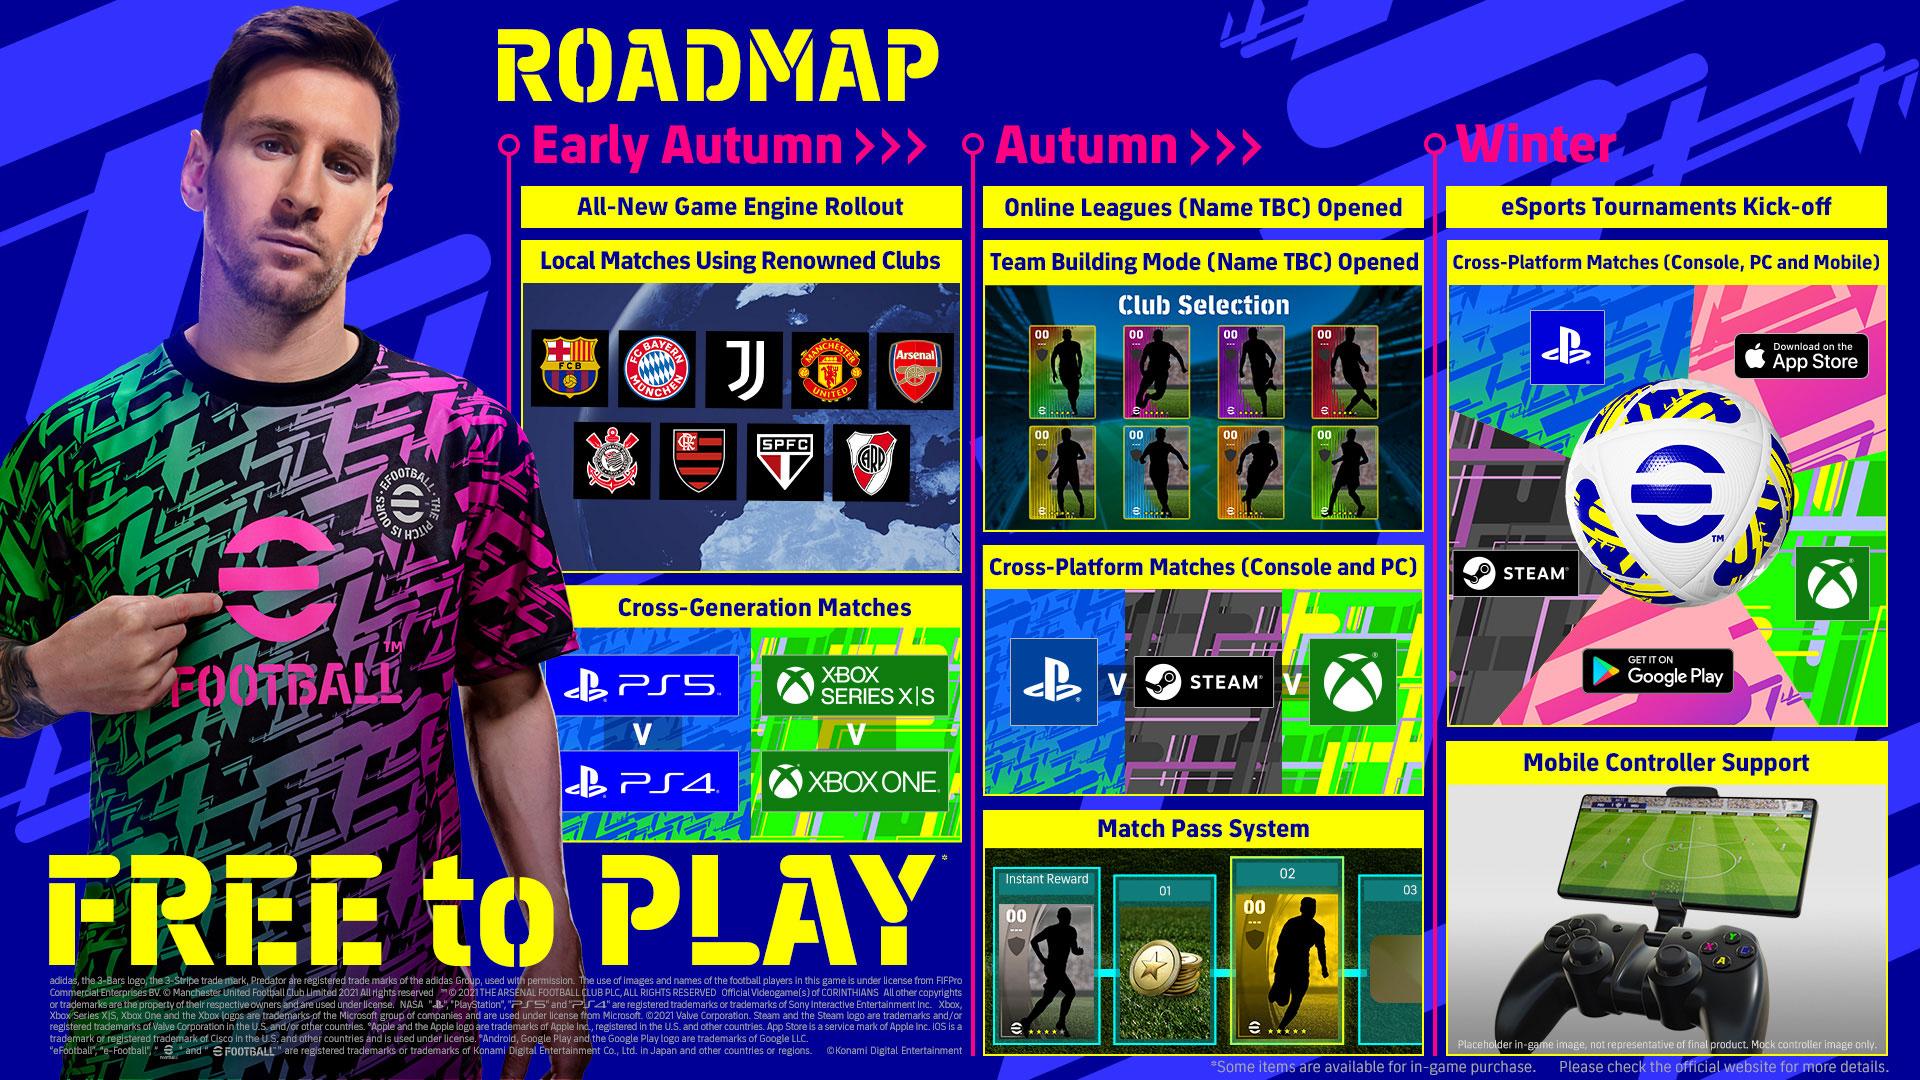 PES se přejmenovává na eFootball a bude free-to-play Roadmap 1